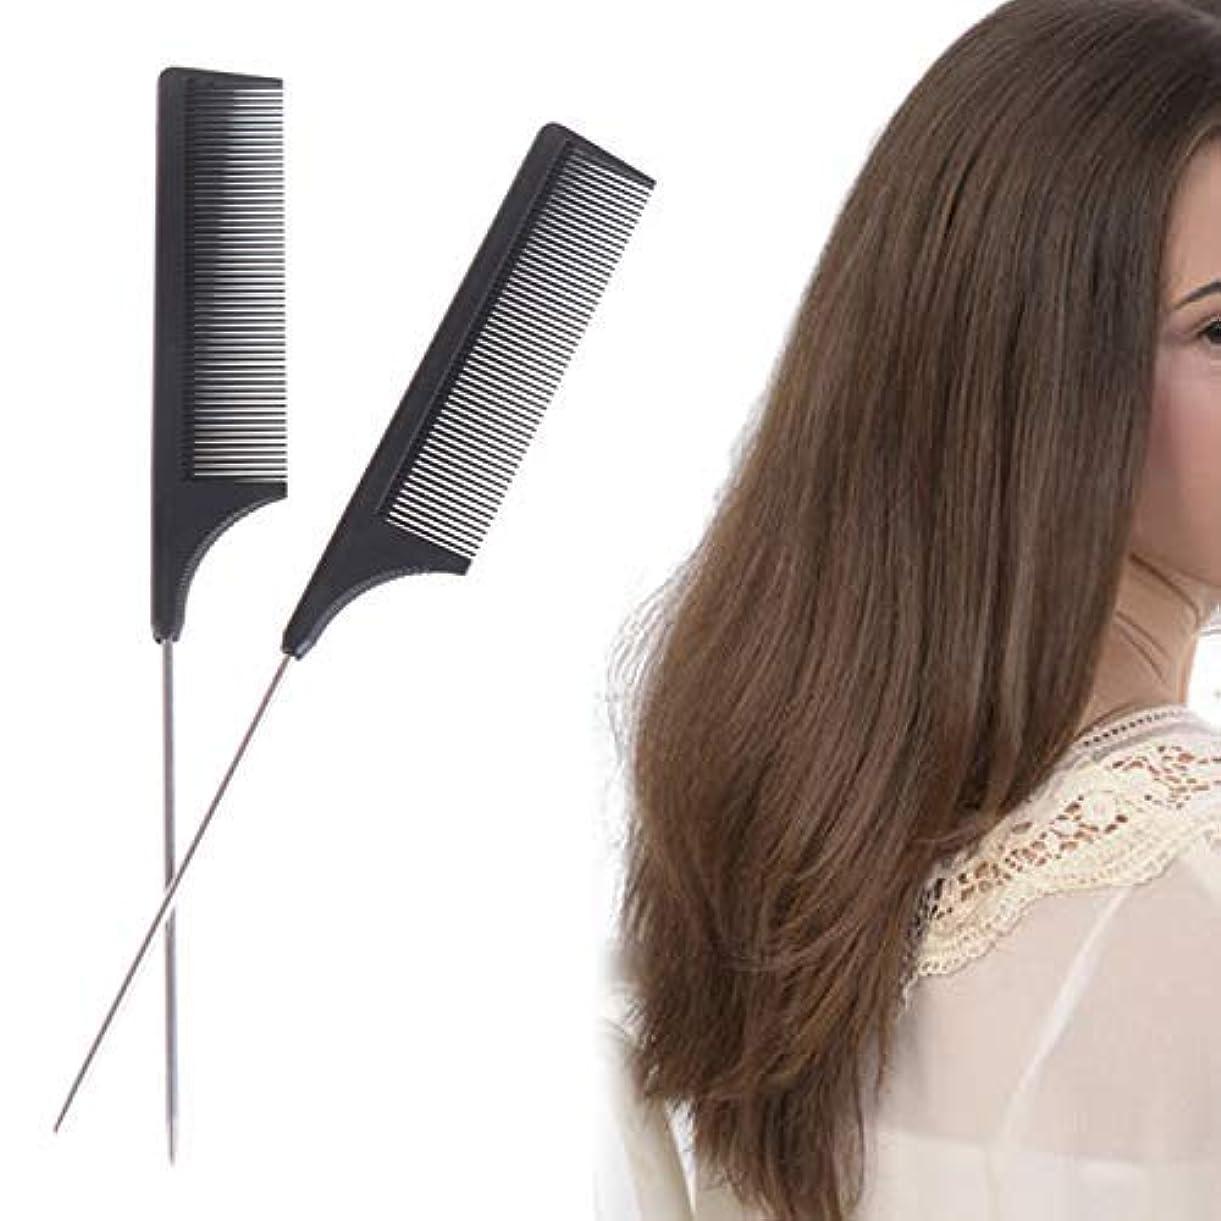 胃アンプ新年2 Pieces Comb Black Tail Styling Comb Chemical Heat Resistant Teasing Comb Carbon Fiber Hair Styling Combs for...